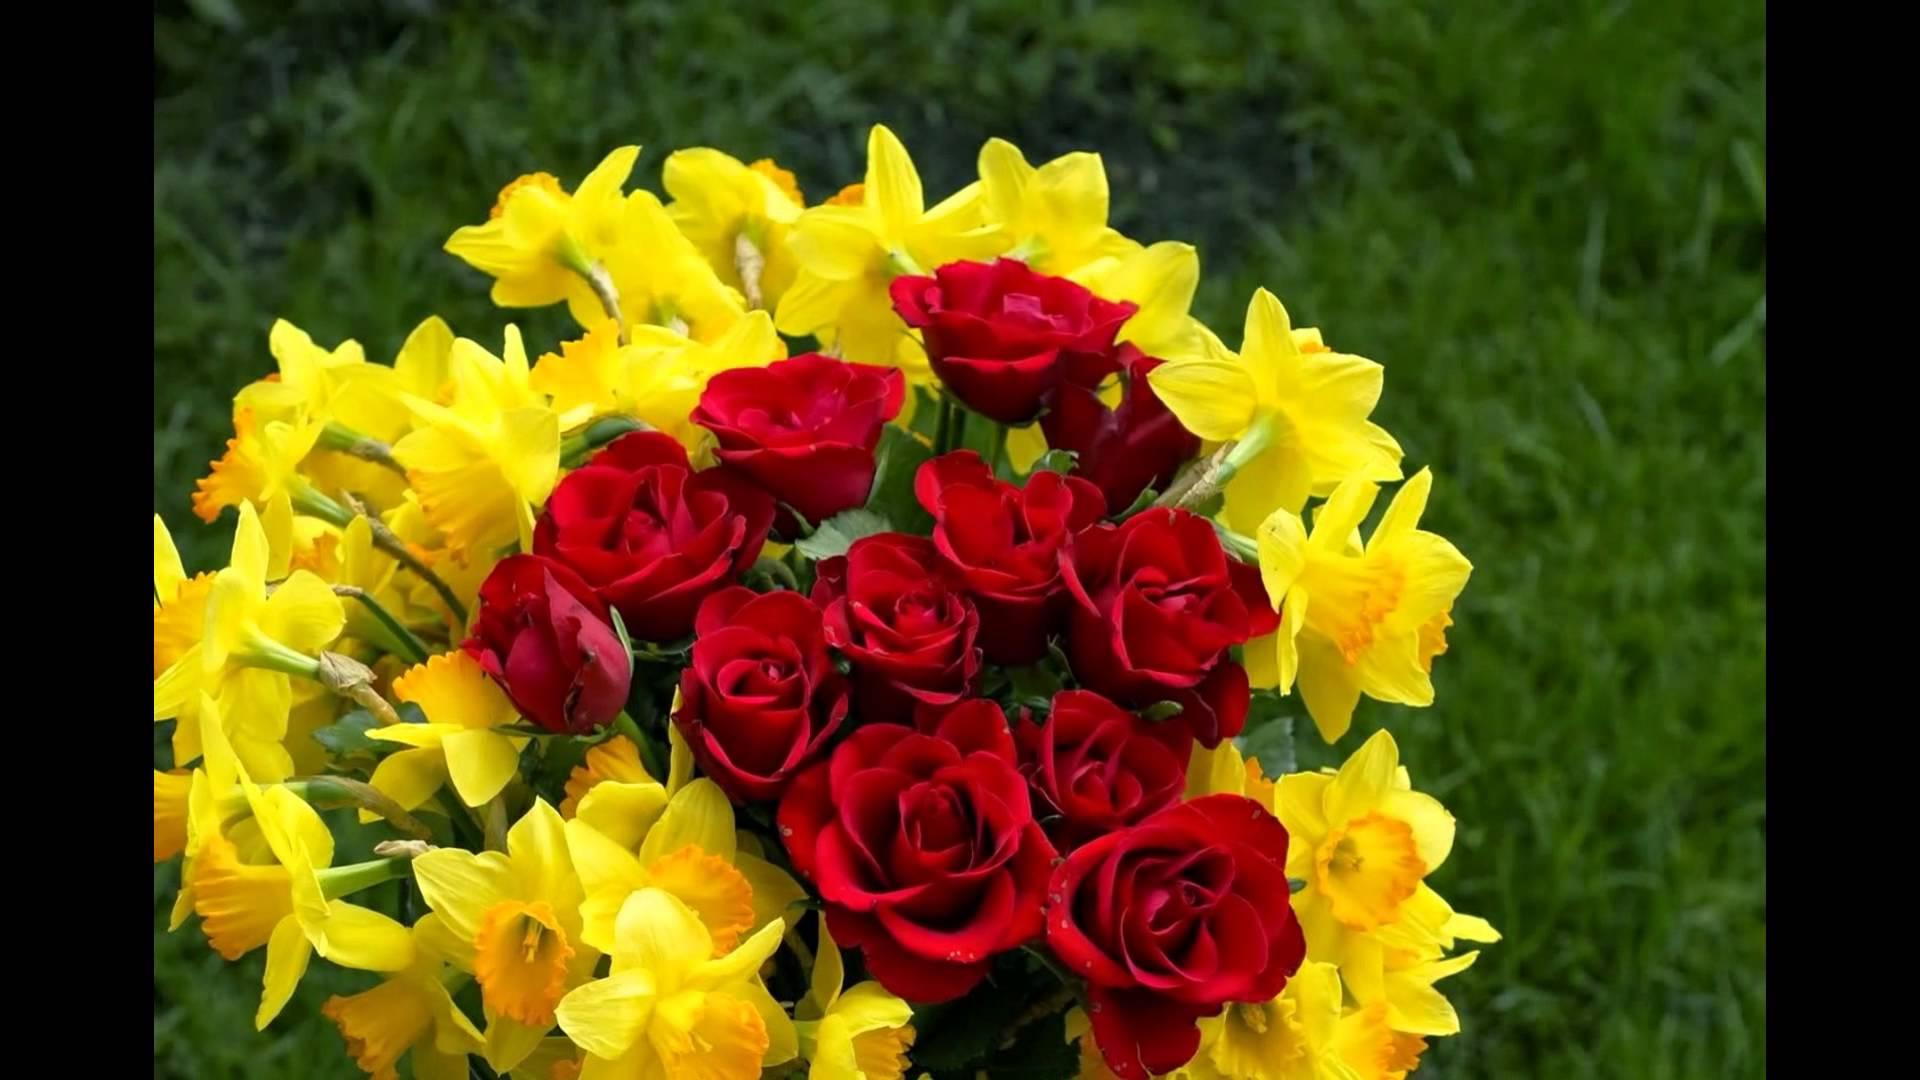 بالصور احلى صور ورد , اجمل واروع صور الورود فى العالم 5699 5